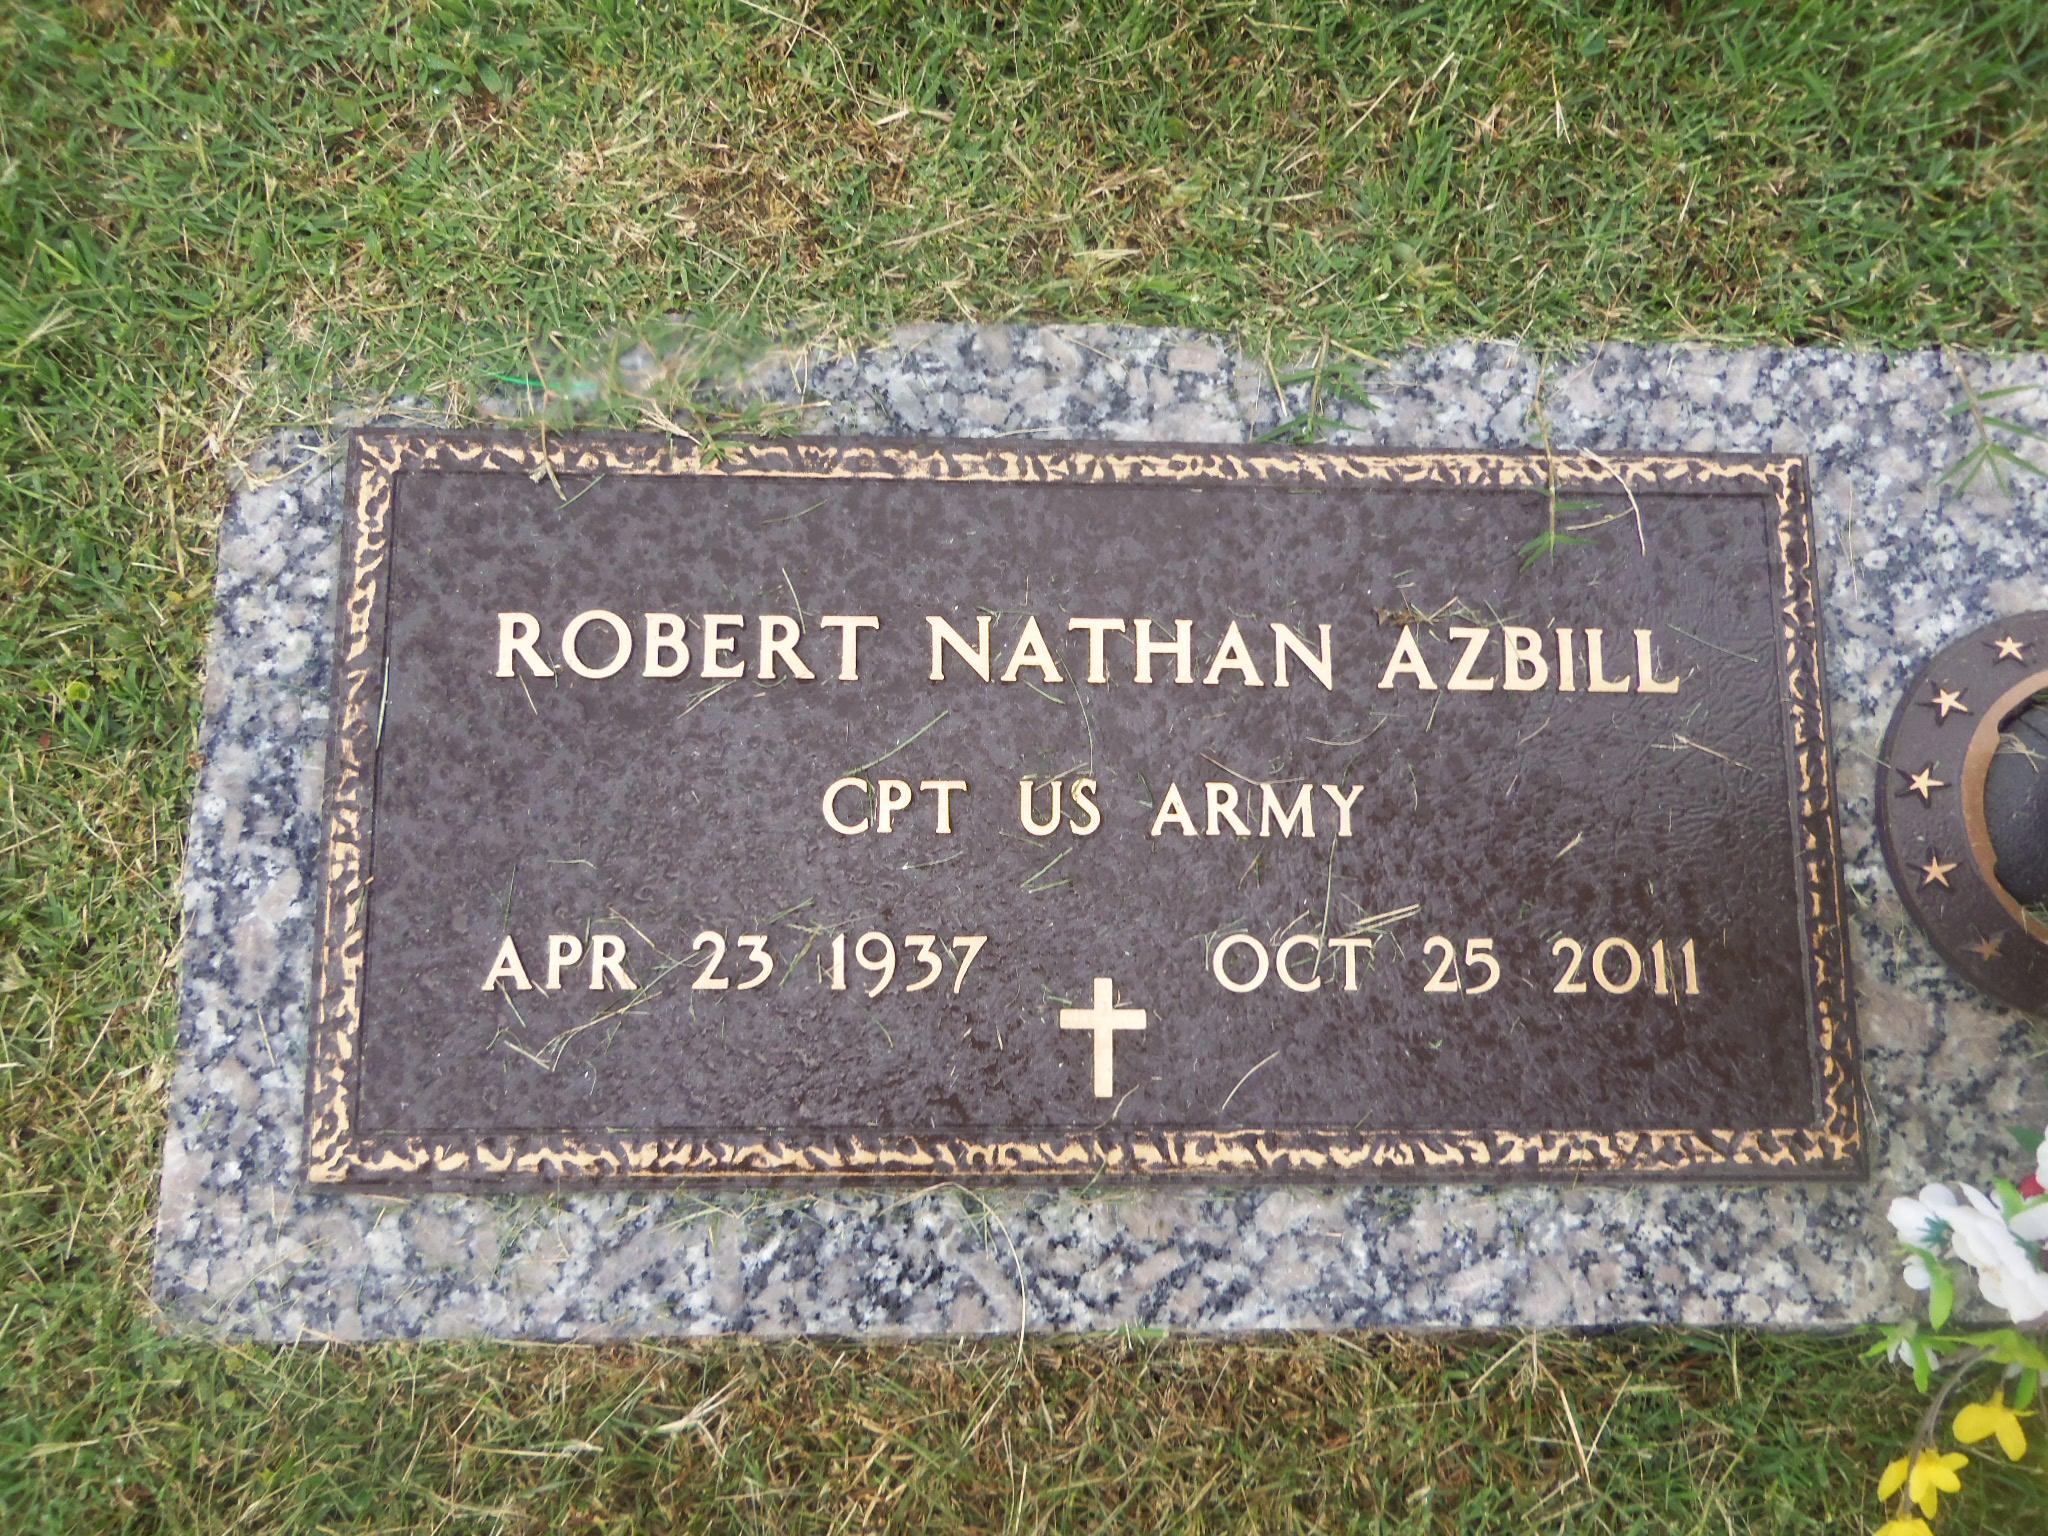 Robert Nathan Azbill